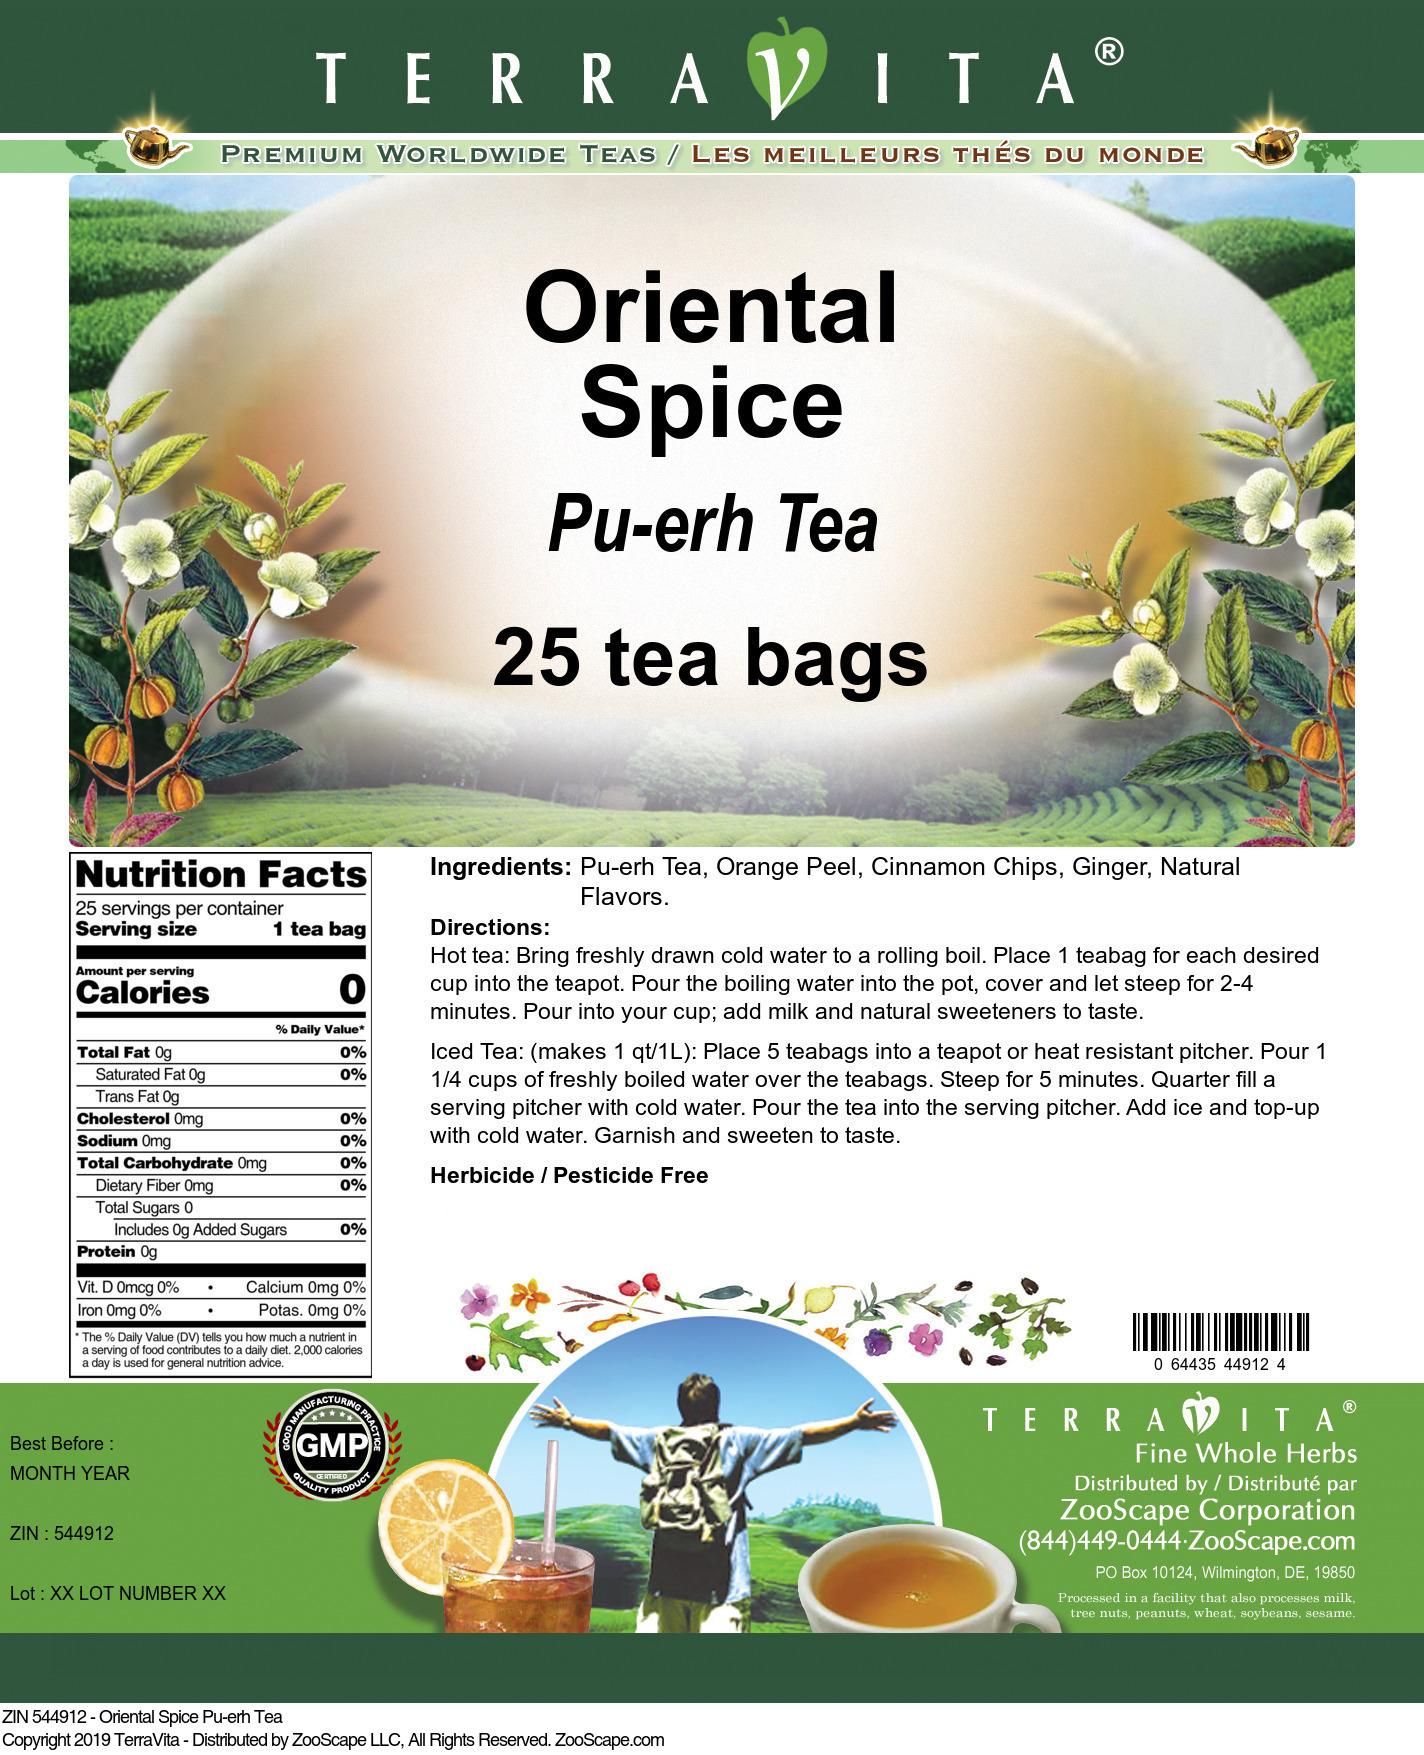 Oriental Spice Pu-erh Tea